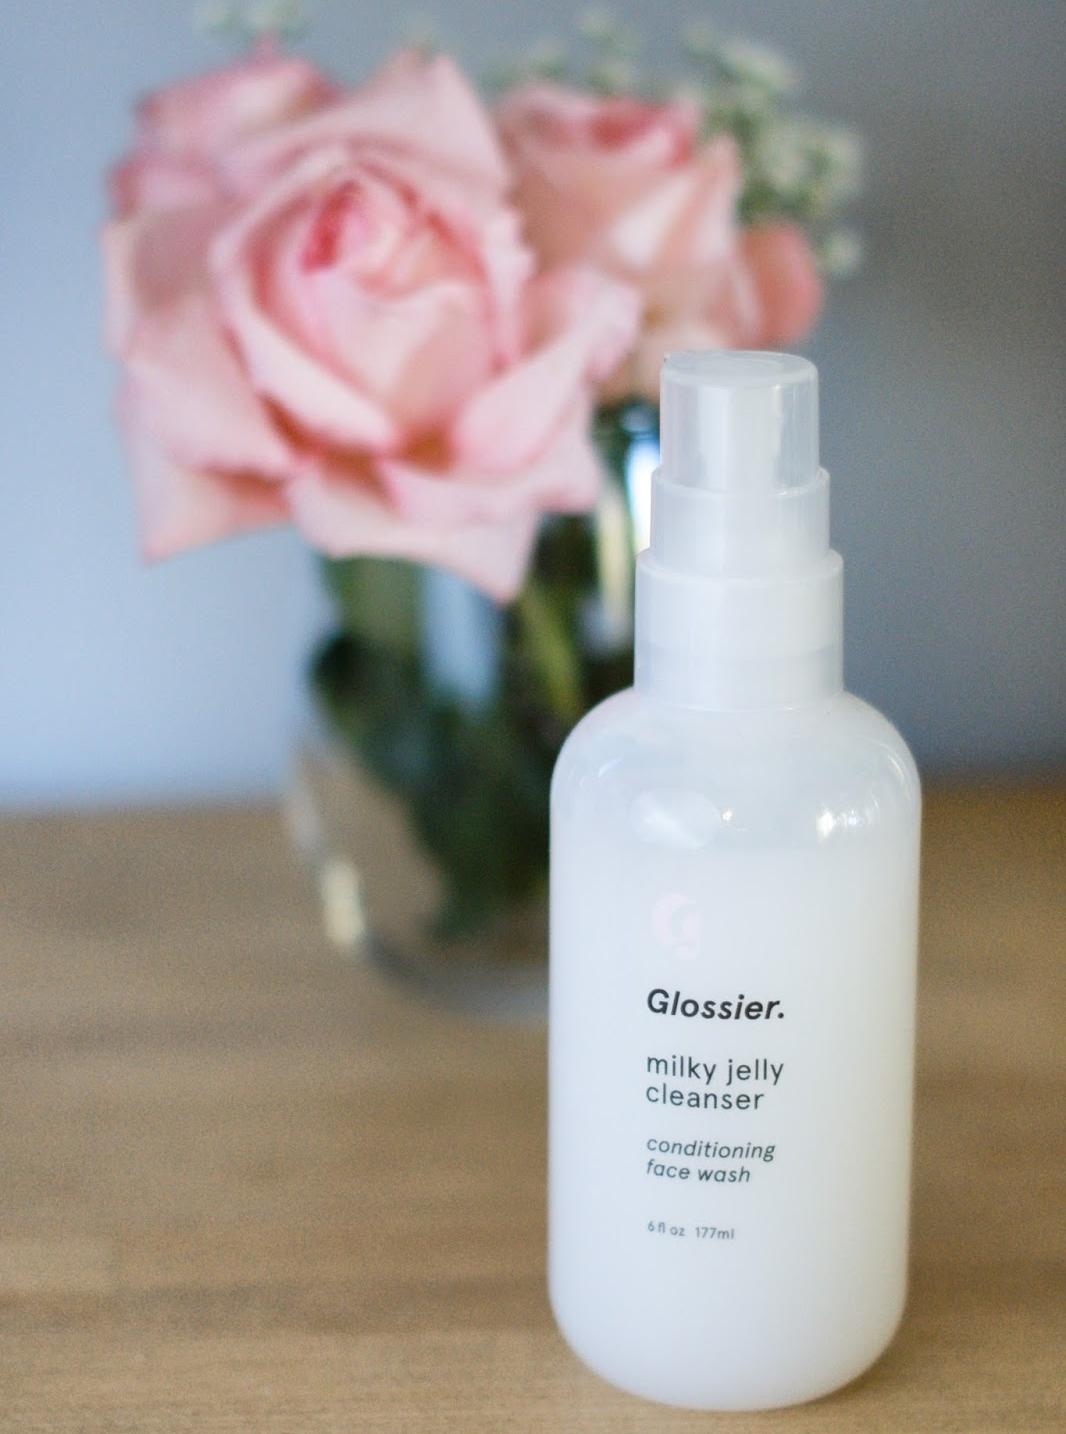 Glossier Milky Jelly Cleanser.jpg